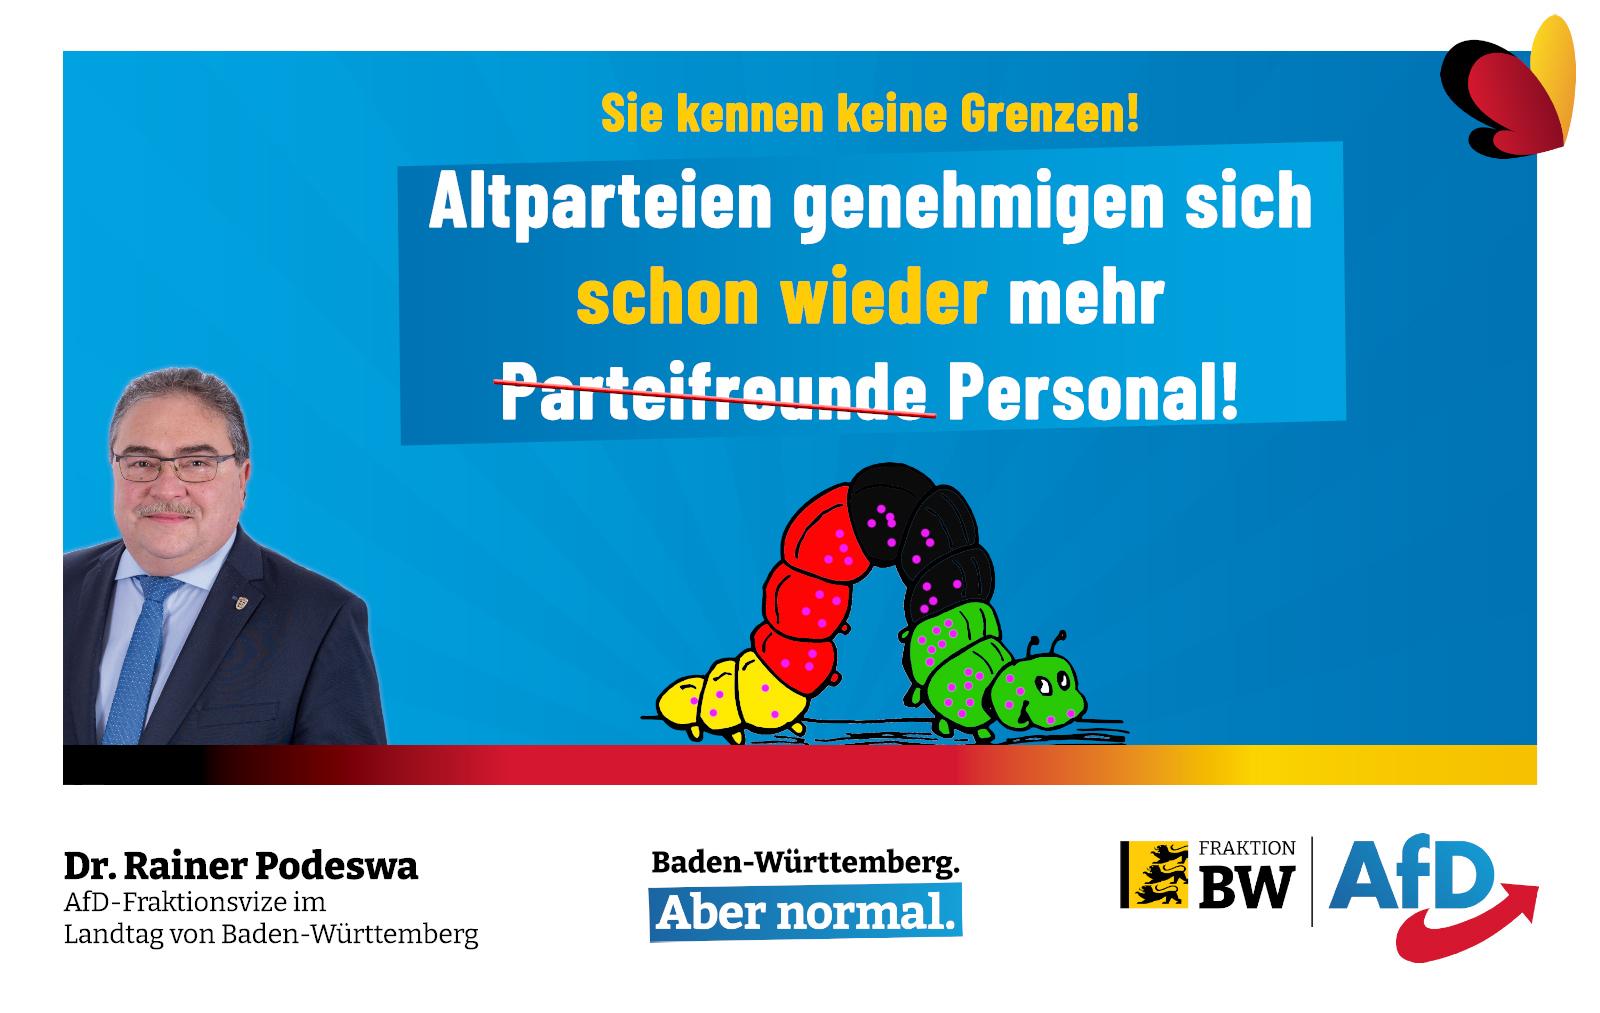 Dr. Rainer Podeswa: Die Raupe Nimmersatt ist bunt!